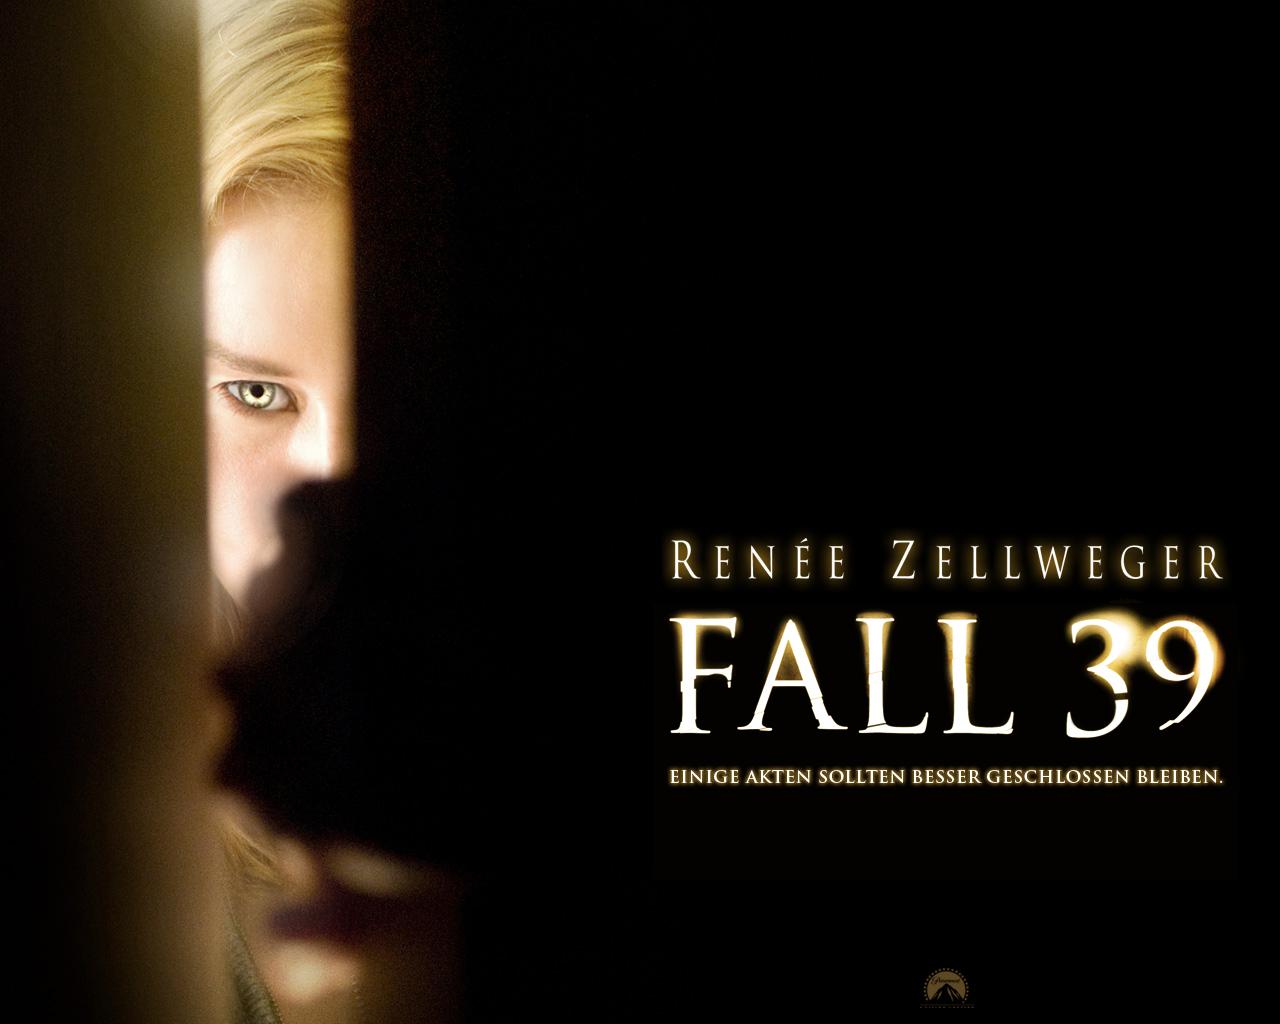 Fall 39 Kritik